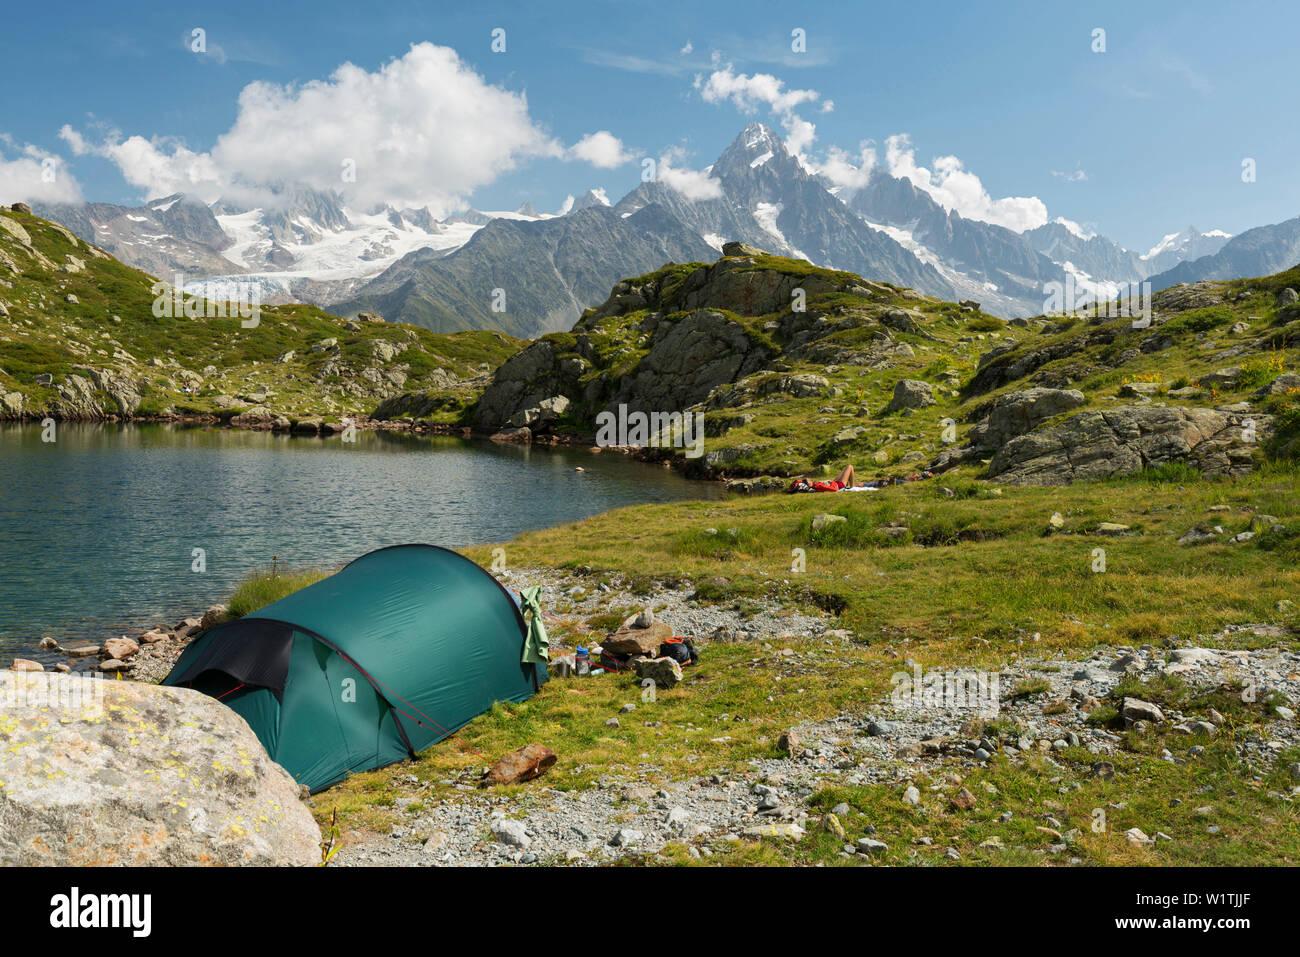 Zelt an den Lacs des Cheserys, Aiguille du Chardonnet, Aiguilles Verte, Haute-Savoie, Frankreich - Stock Image